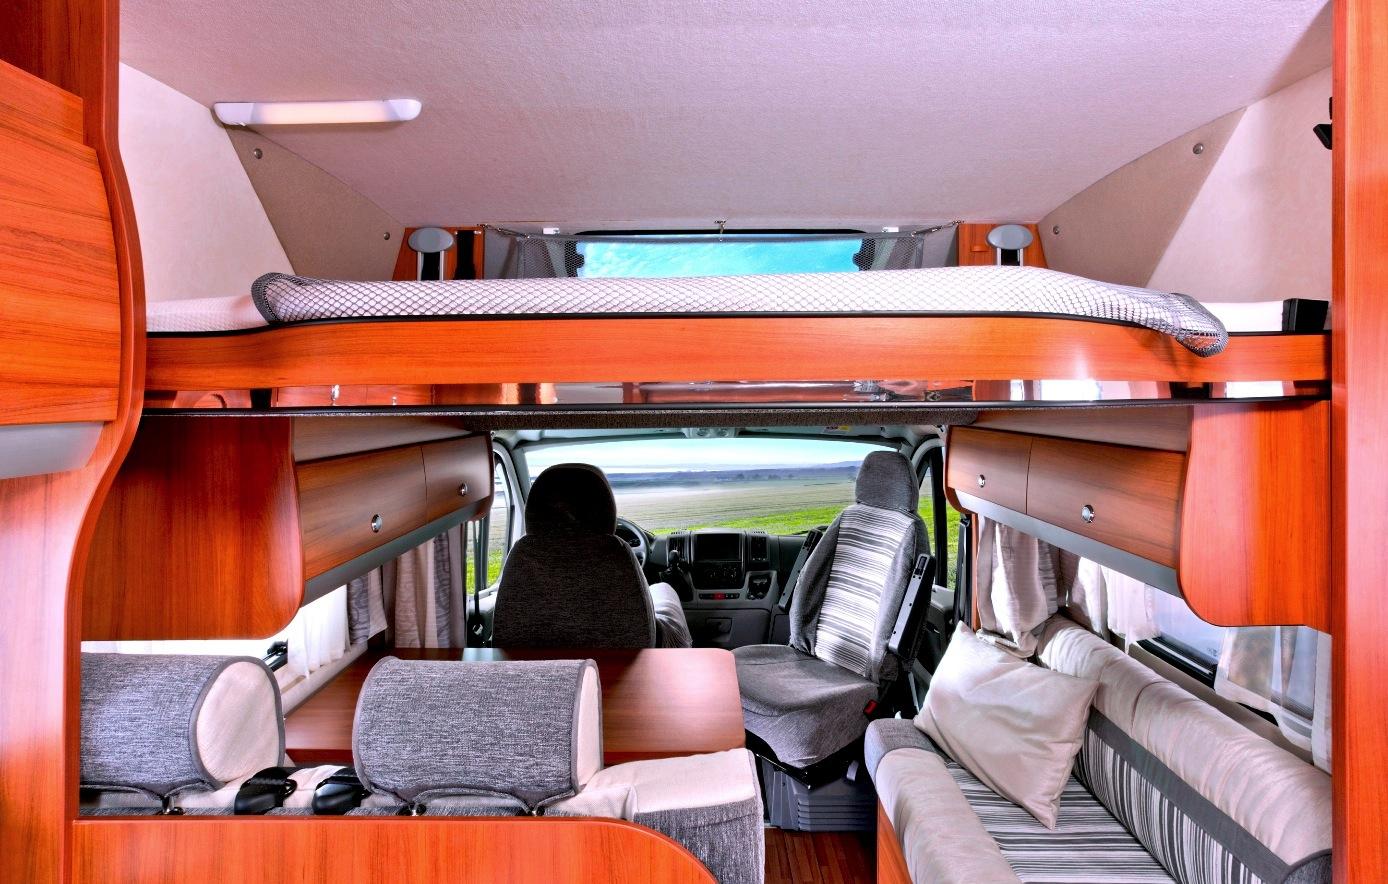 kampeerblog camper de knaus sky wave. Black Bedroom Furniture Sets. Home Design Ideas